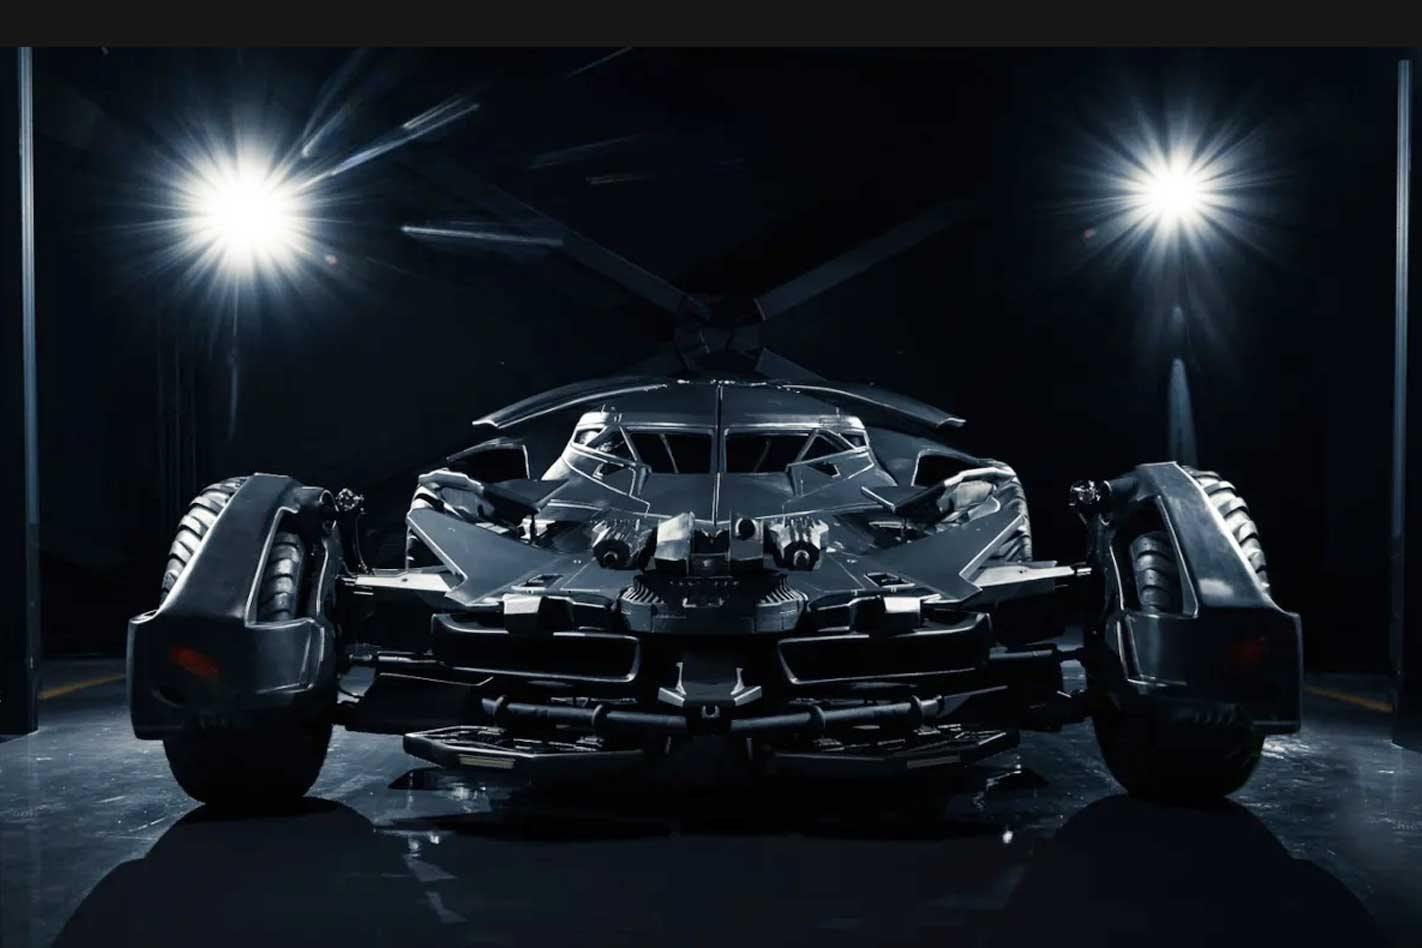 Batman v Superman Batmobile replica up for sale in Russia